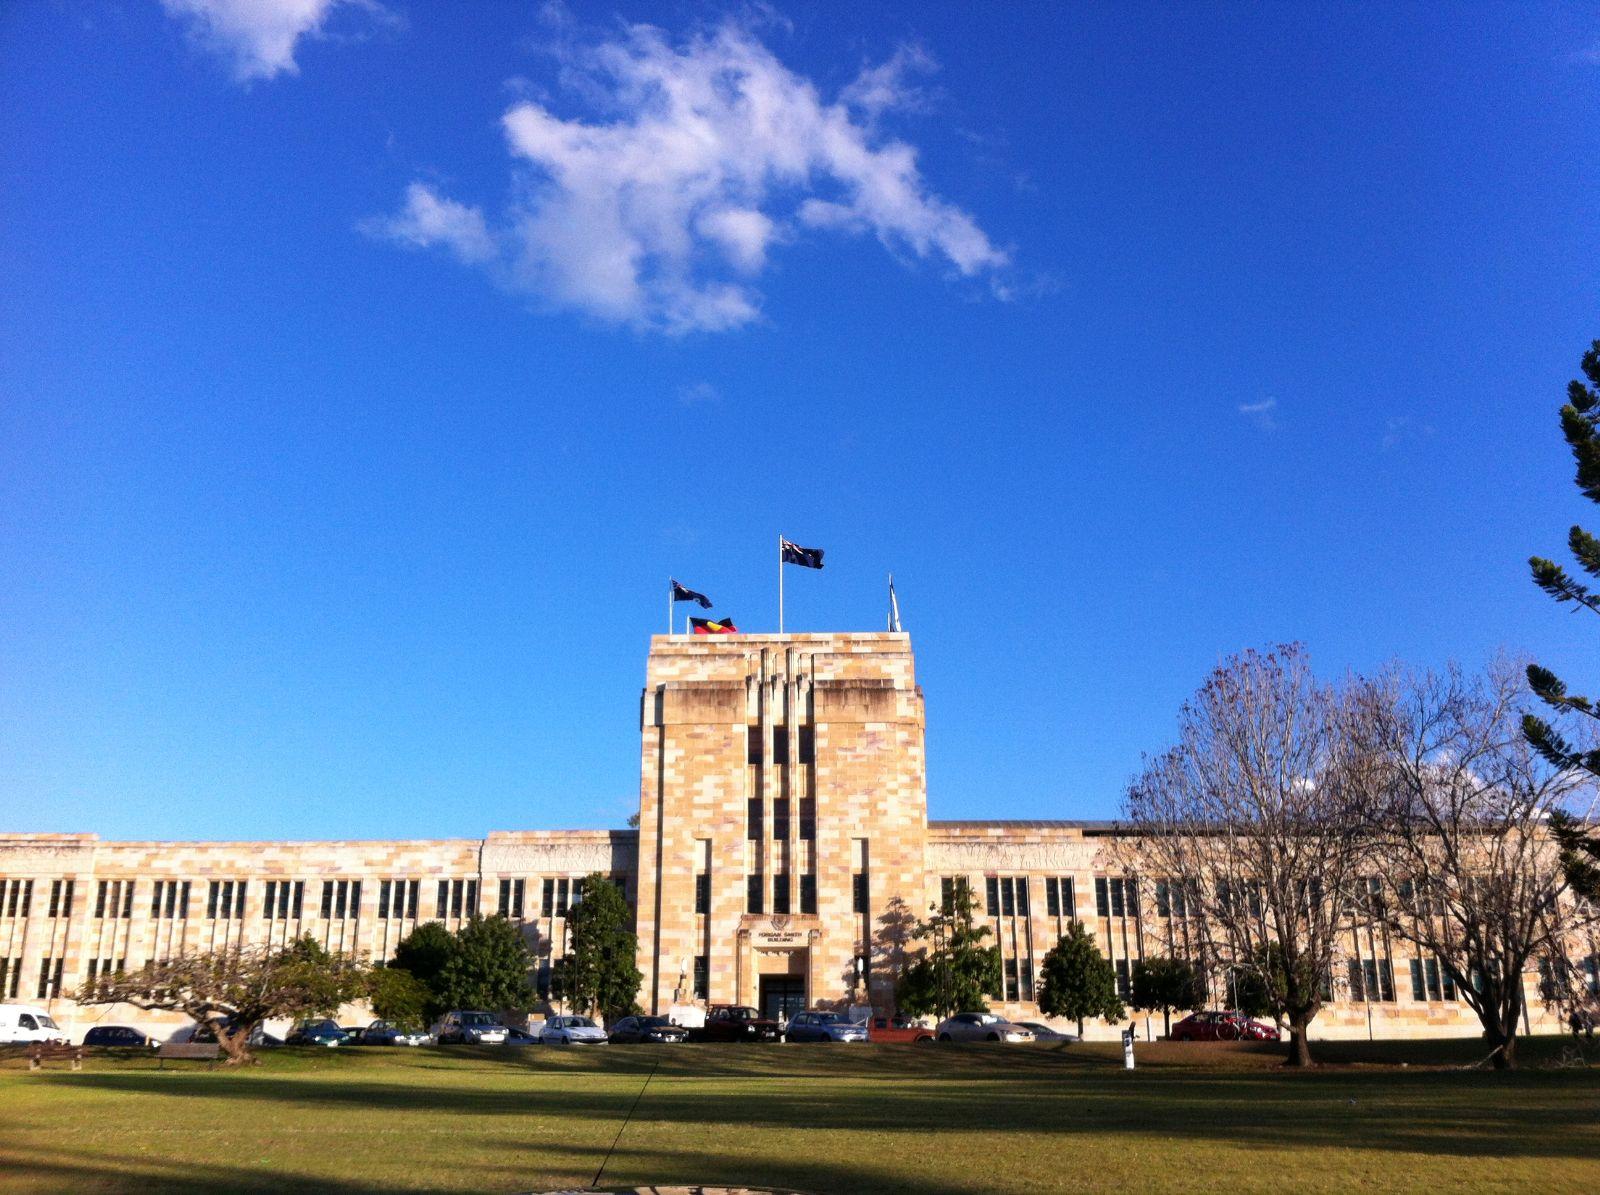 昆士兰大学硕士,UQ翻译硕士专业,专业申请满位,昆士兰大学申请资讯